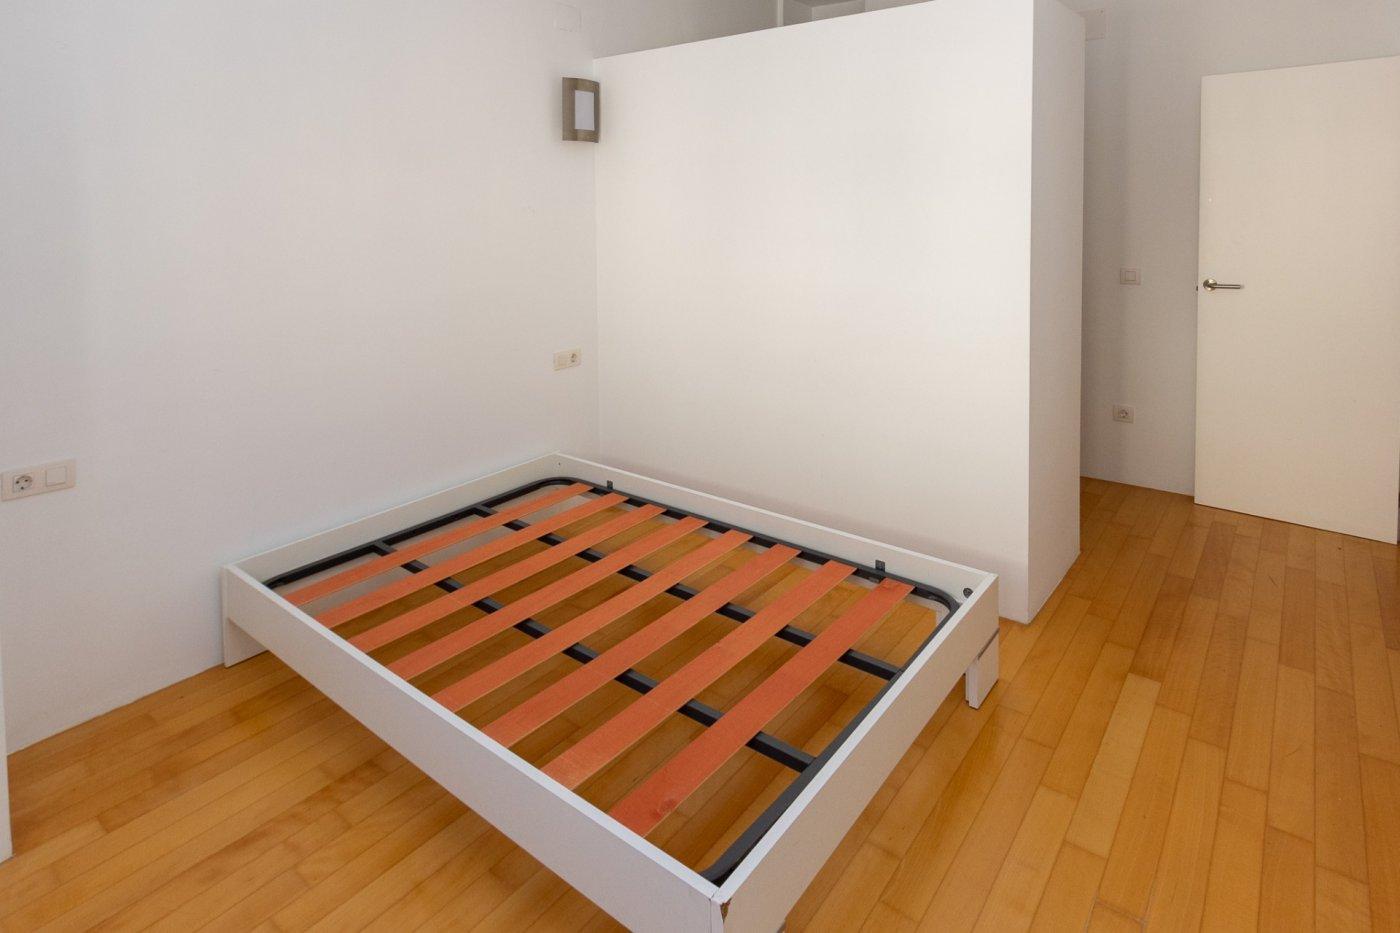 Piso de dos dormitorios de reciente construcción en zona centro de castalla - imagenInmueble14